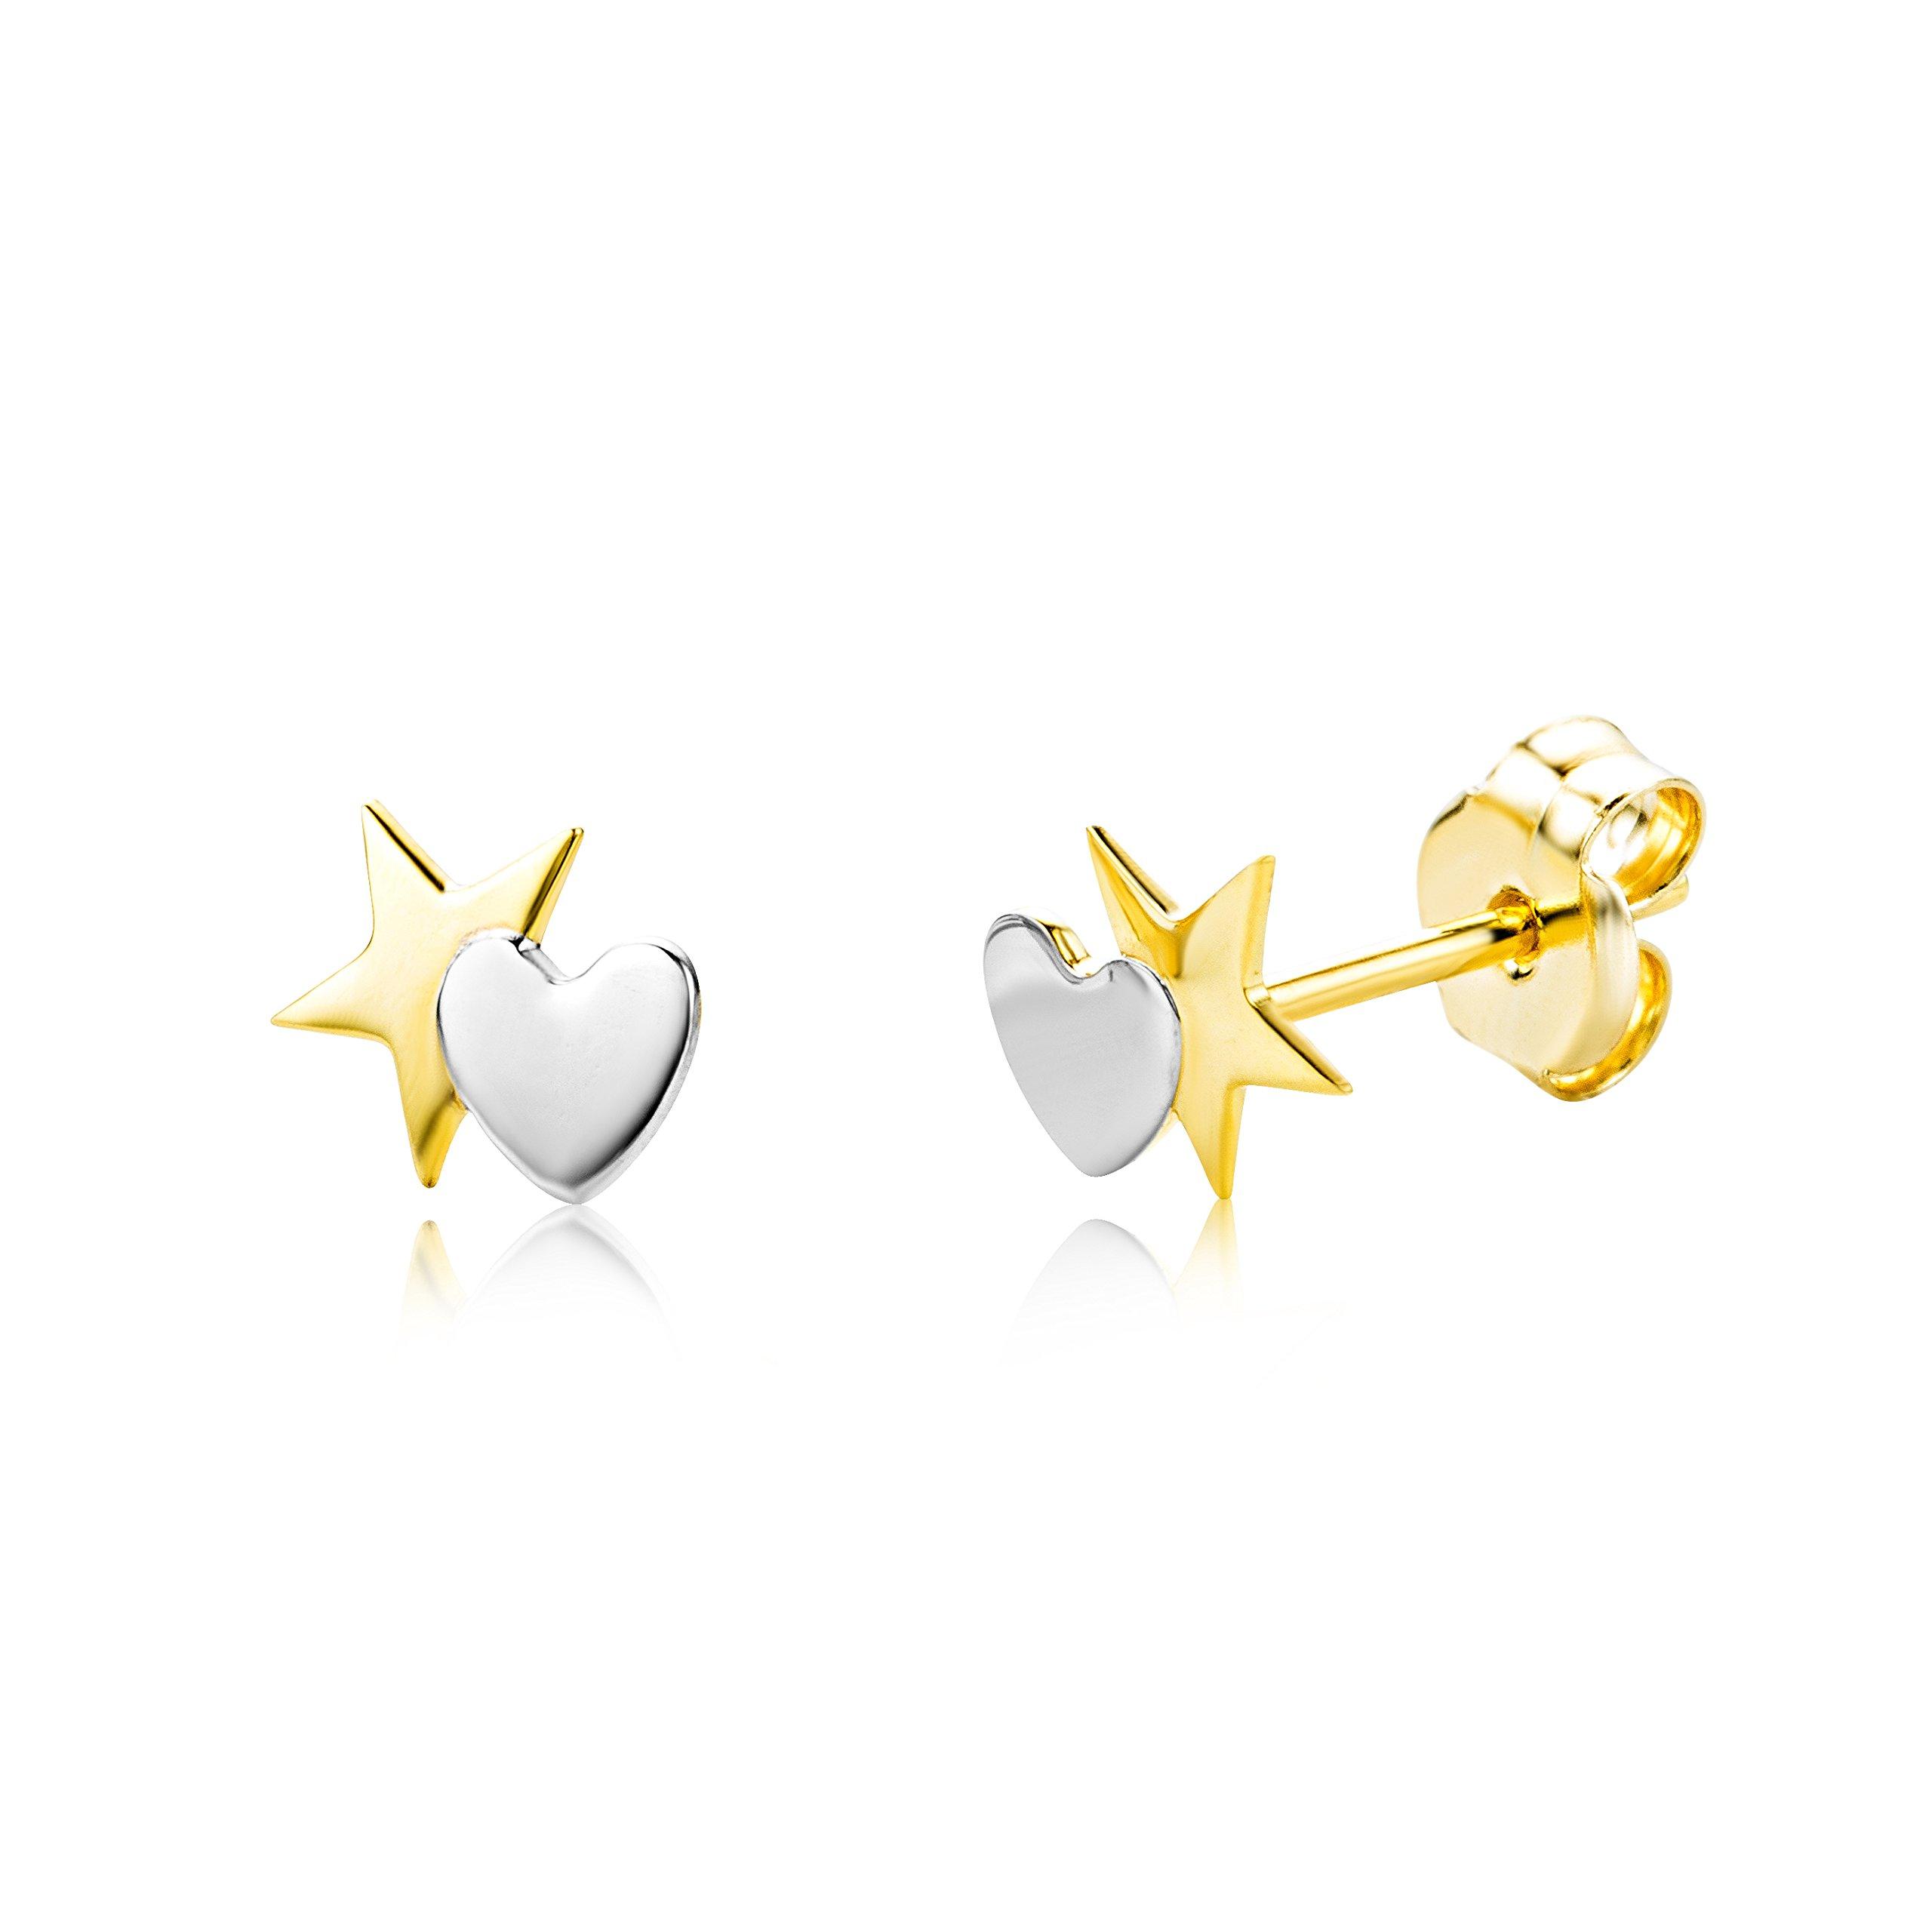 Am besten bewertete Produkte in der Kategorie Ohrringe für Mädchen ...